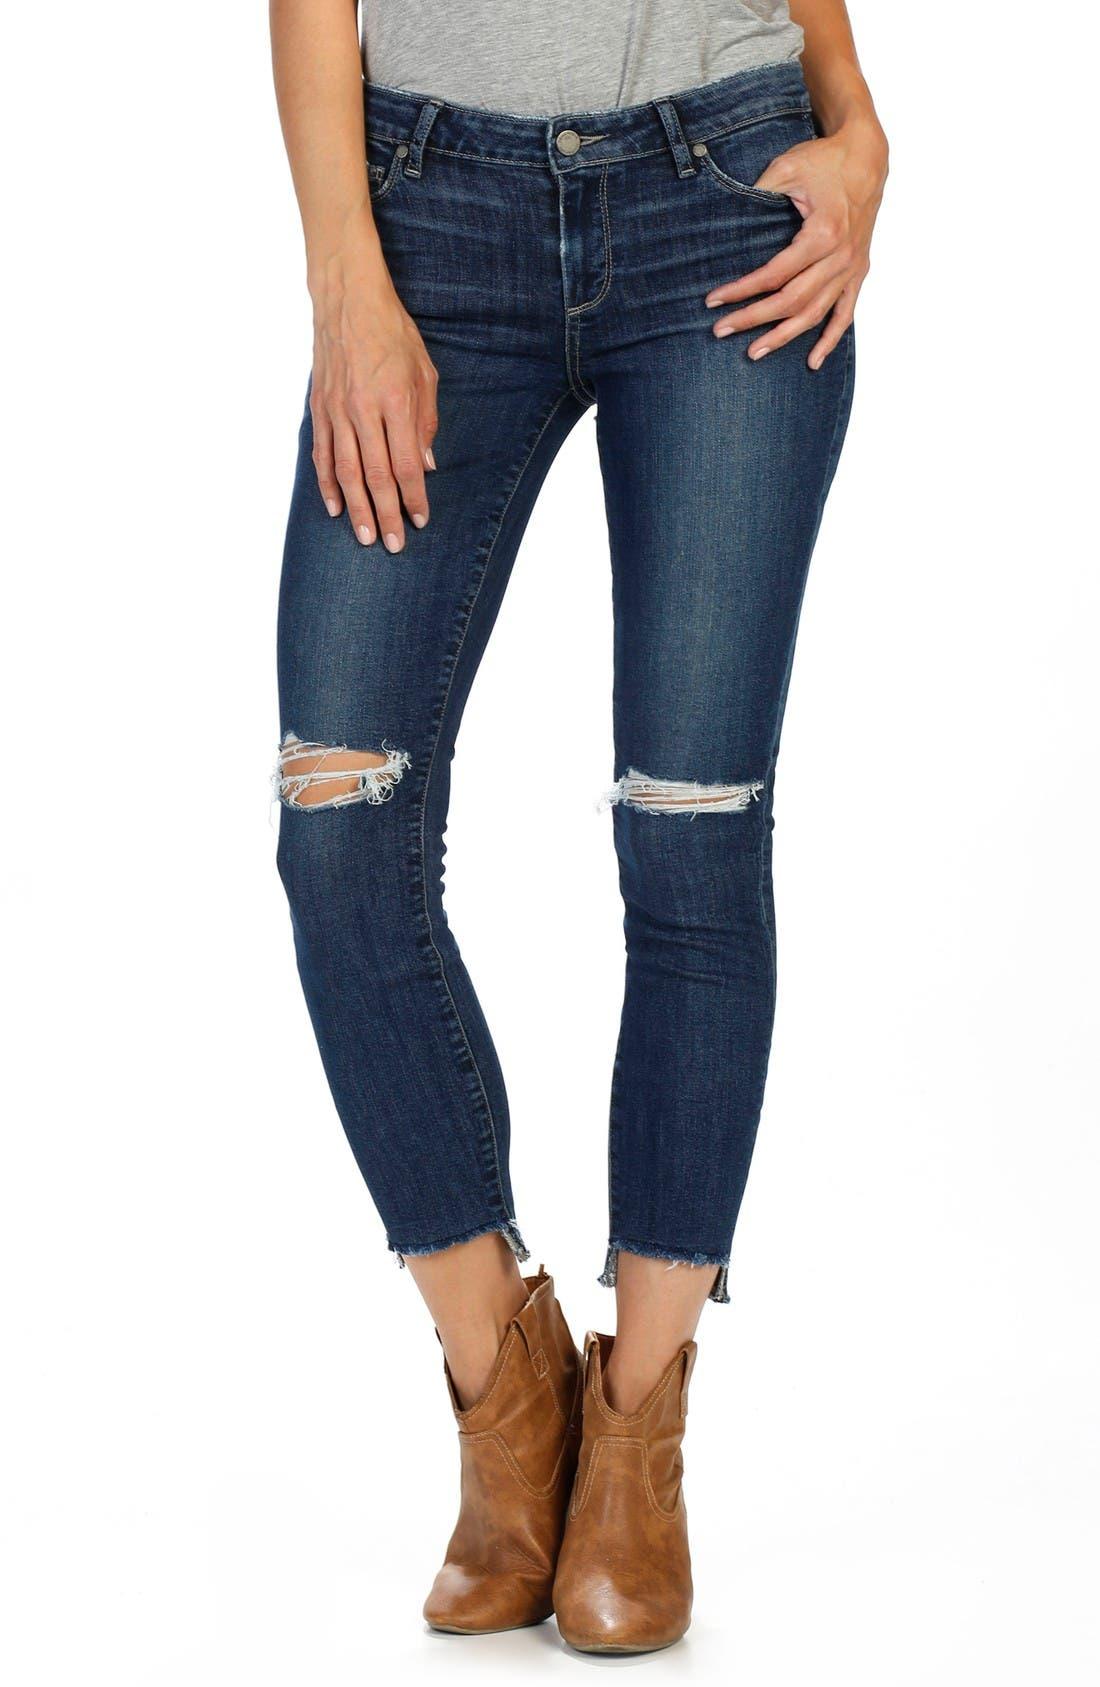 Alternate Image 1 Selected - PAIGE Verdugo Step Hem Ankle Skinny Jeans (Dede Destructed)  (Nordstrom Exclusive)